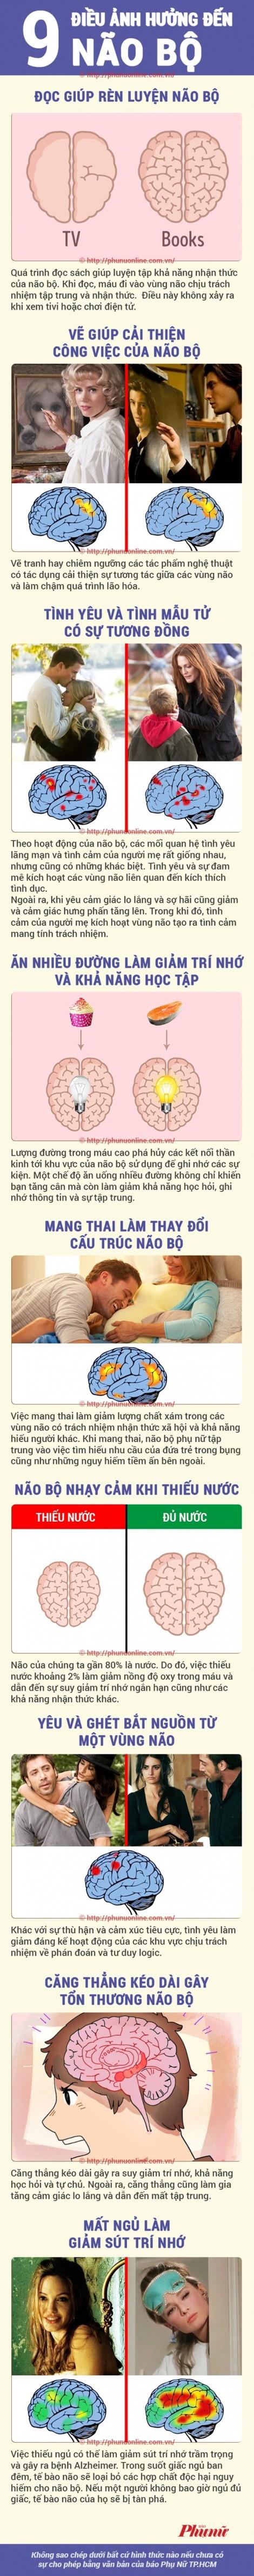 9 hành động đơn giản ảnh hưởng đến não, bạn không ngờ tới